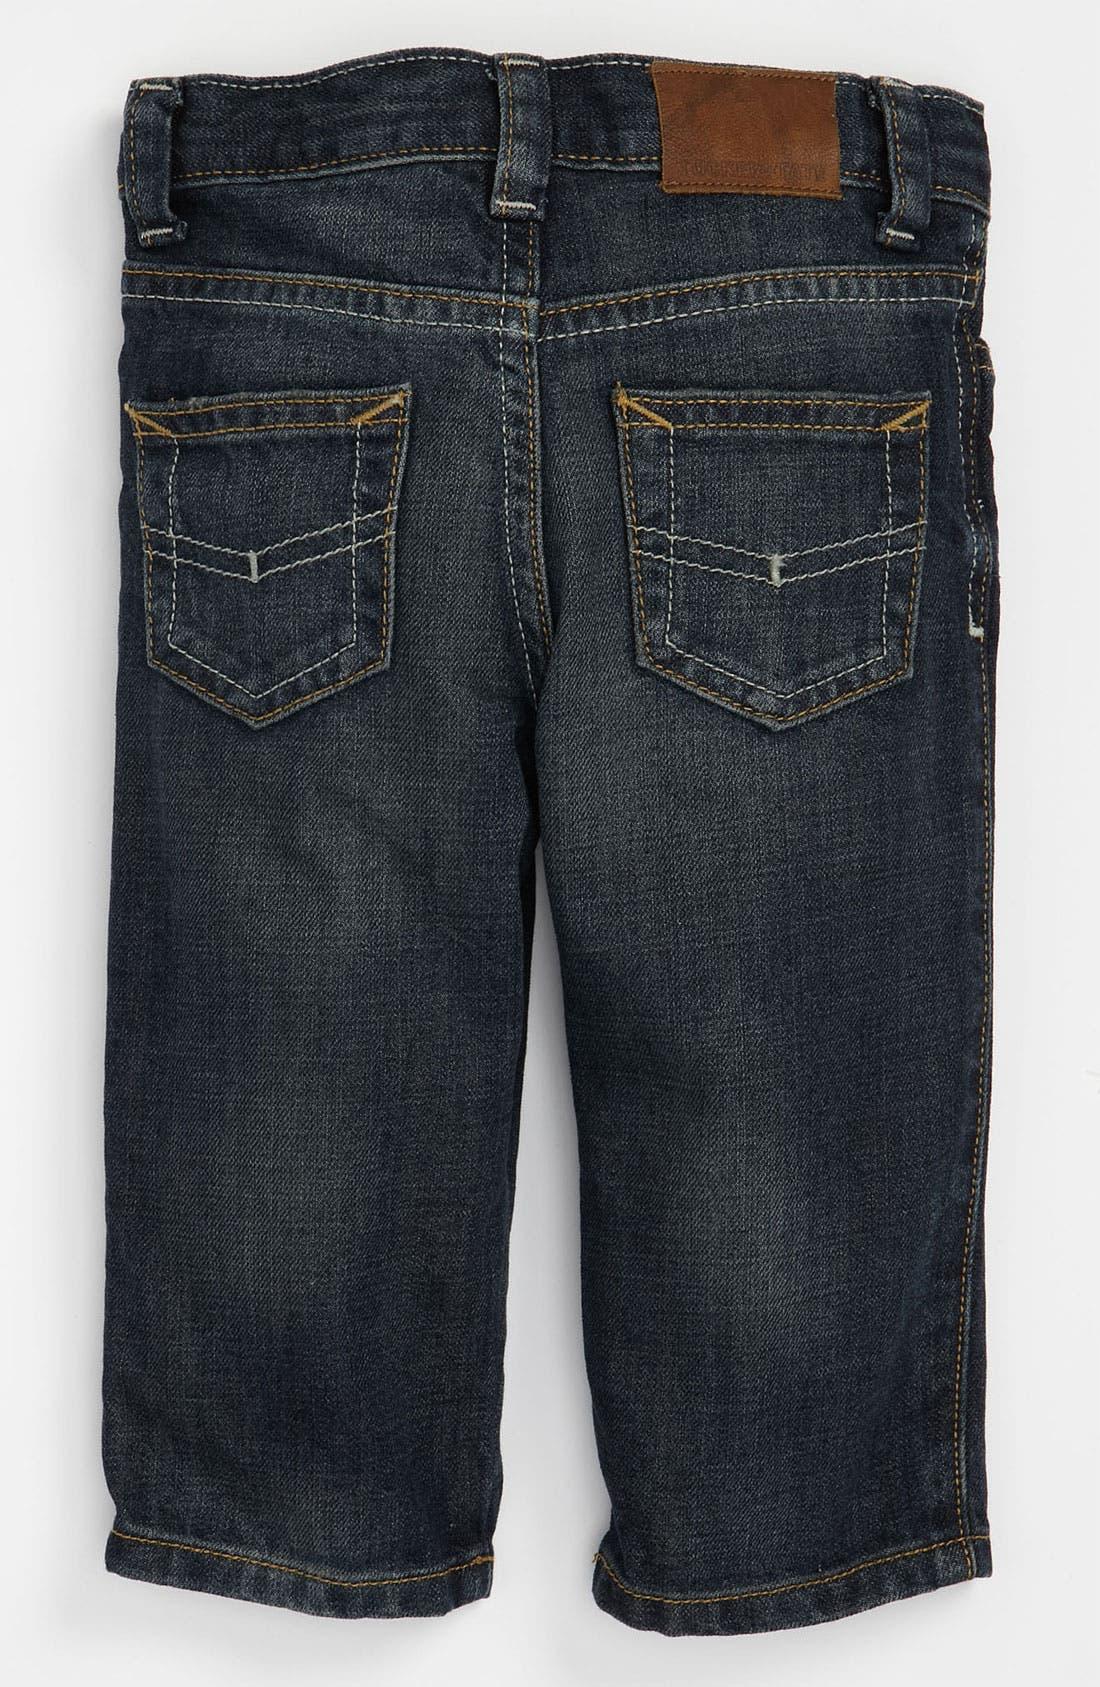 Alternate Image 1 Selected - Tucker + Tate 'Tucker' Jeans (Infant)